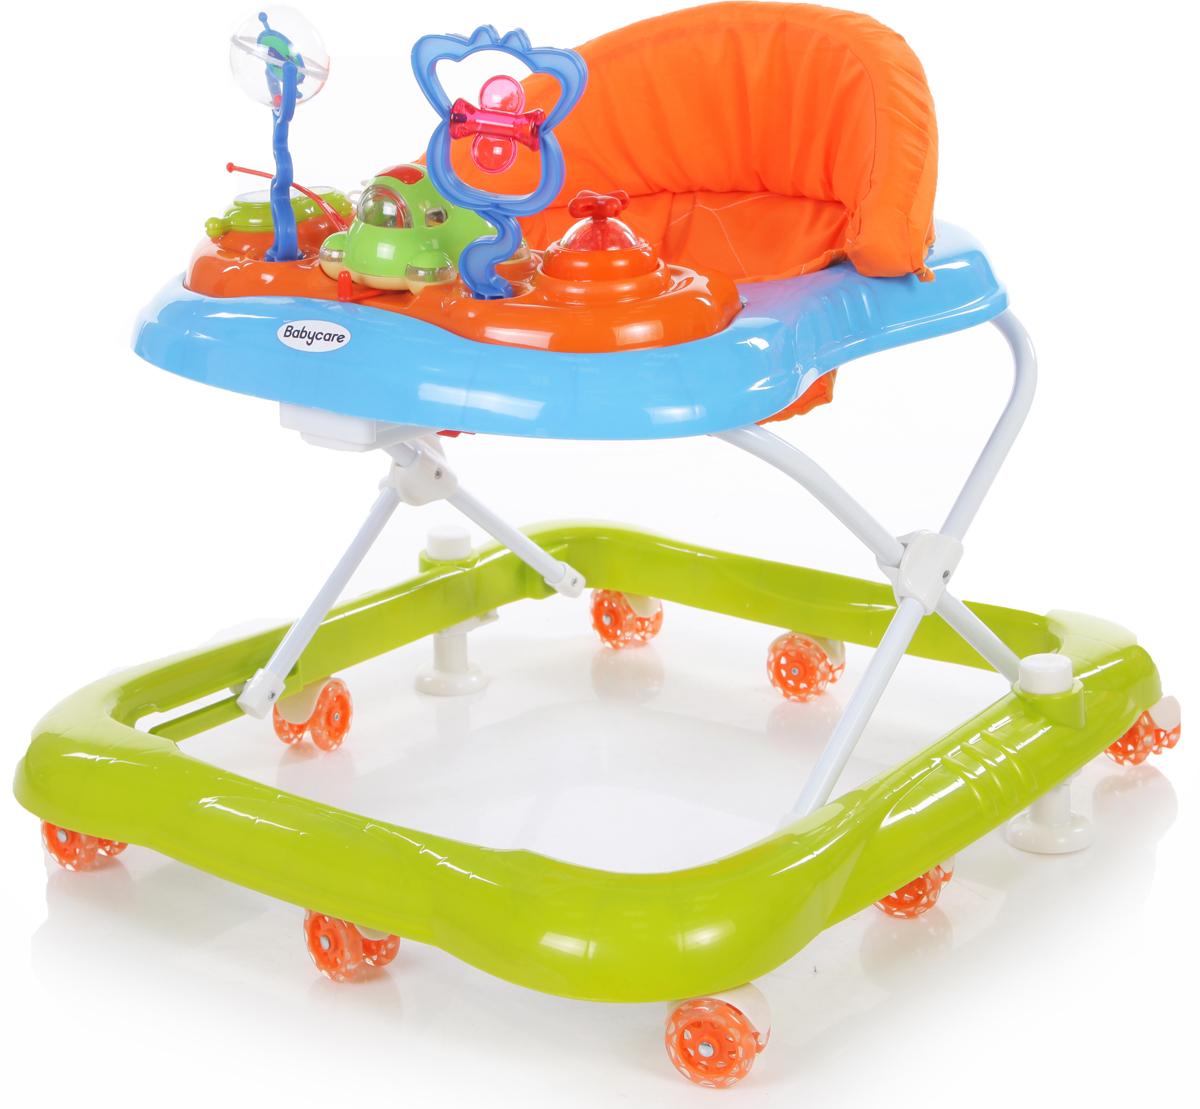 лучшая цена Ходунки Baby Care Mario, GL-800S, синий, зеленый